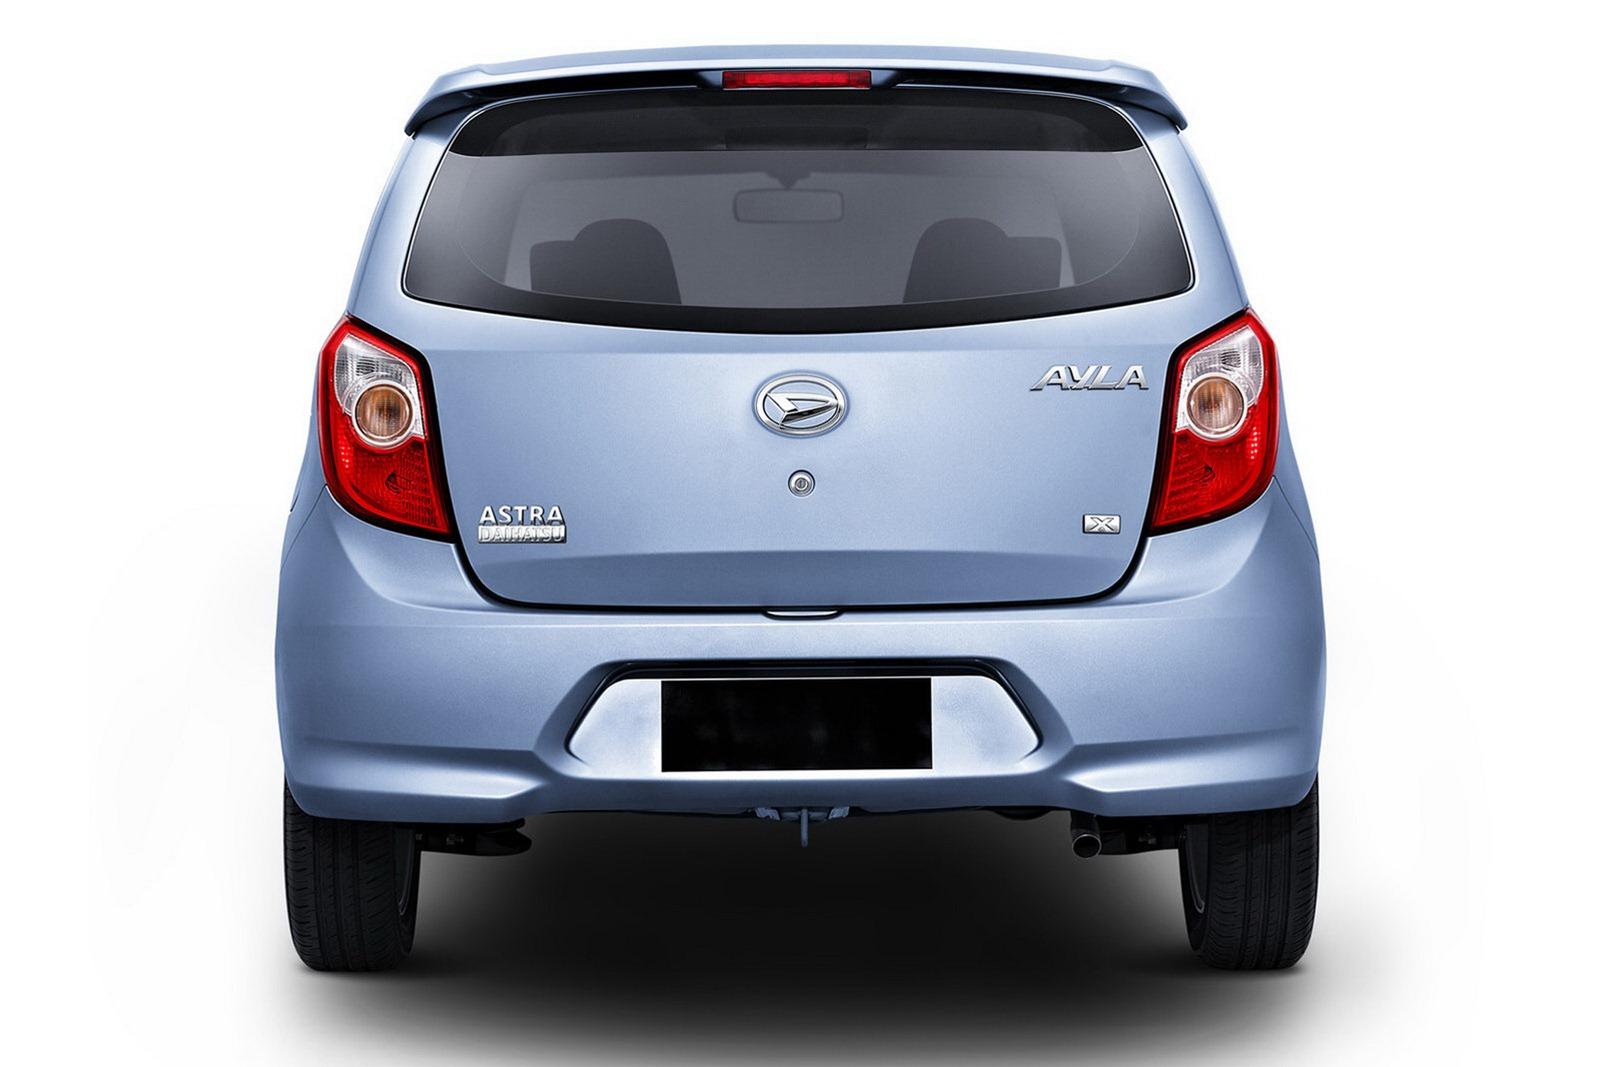 http://2.bp.blogspot.com/-m_BBfkCudc4/UVlcnpU1kSI/AAAAAAAAAiM/qIEwGzV5ItE/s1600/daihatsu-ayla-and-toyota-agya-sister-cars-launched-at-indonesia-motor-show_2.jpg